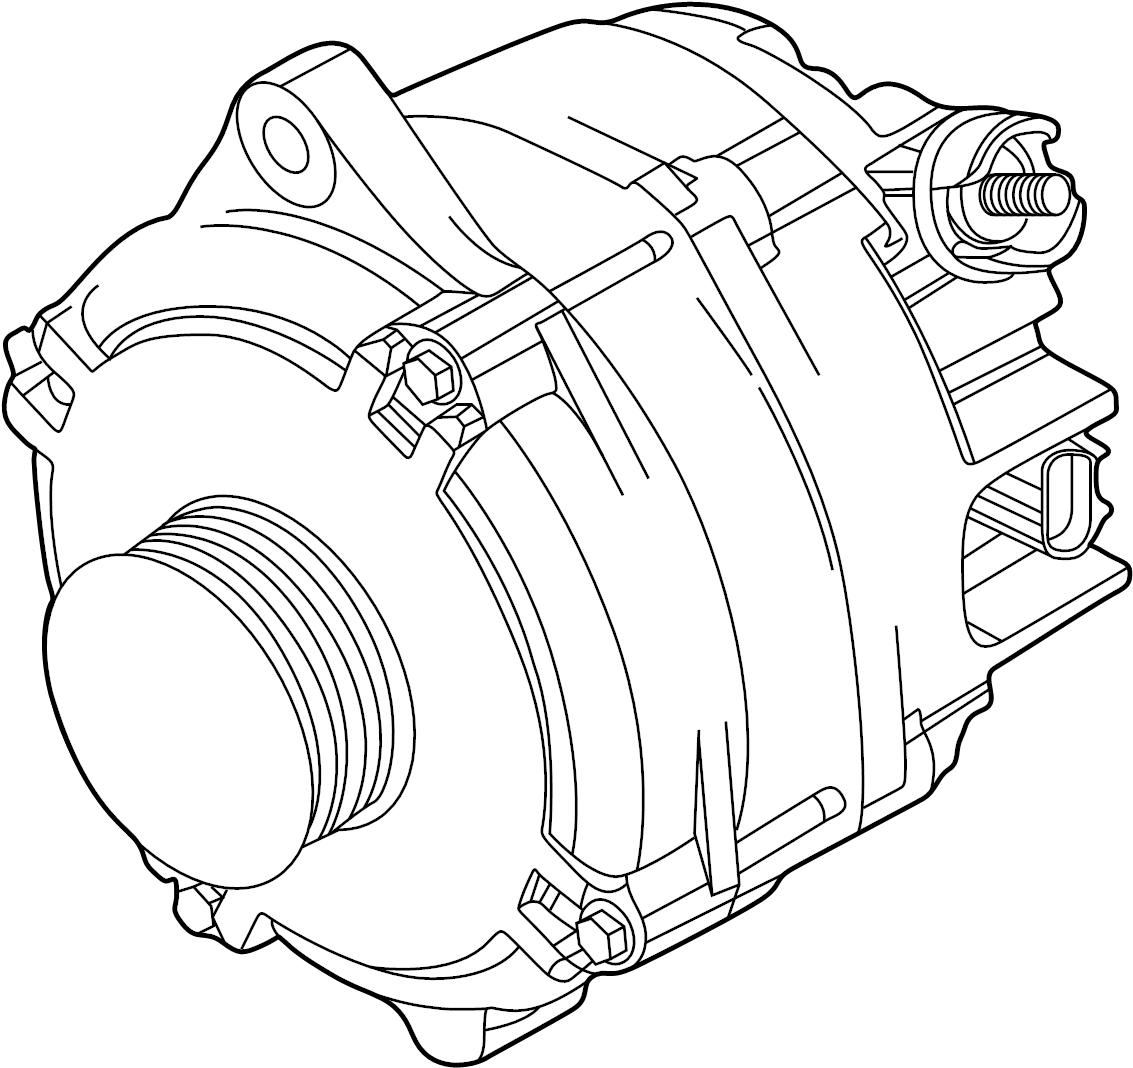 2015 Ford Explorer Alternator Amp Liter Wturbocharger